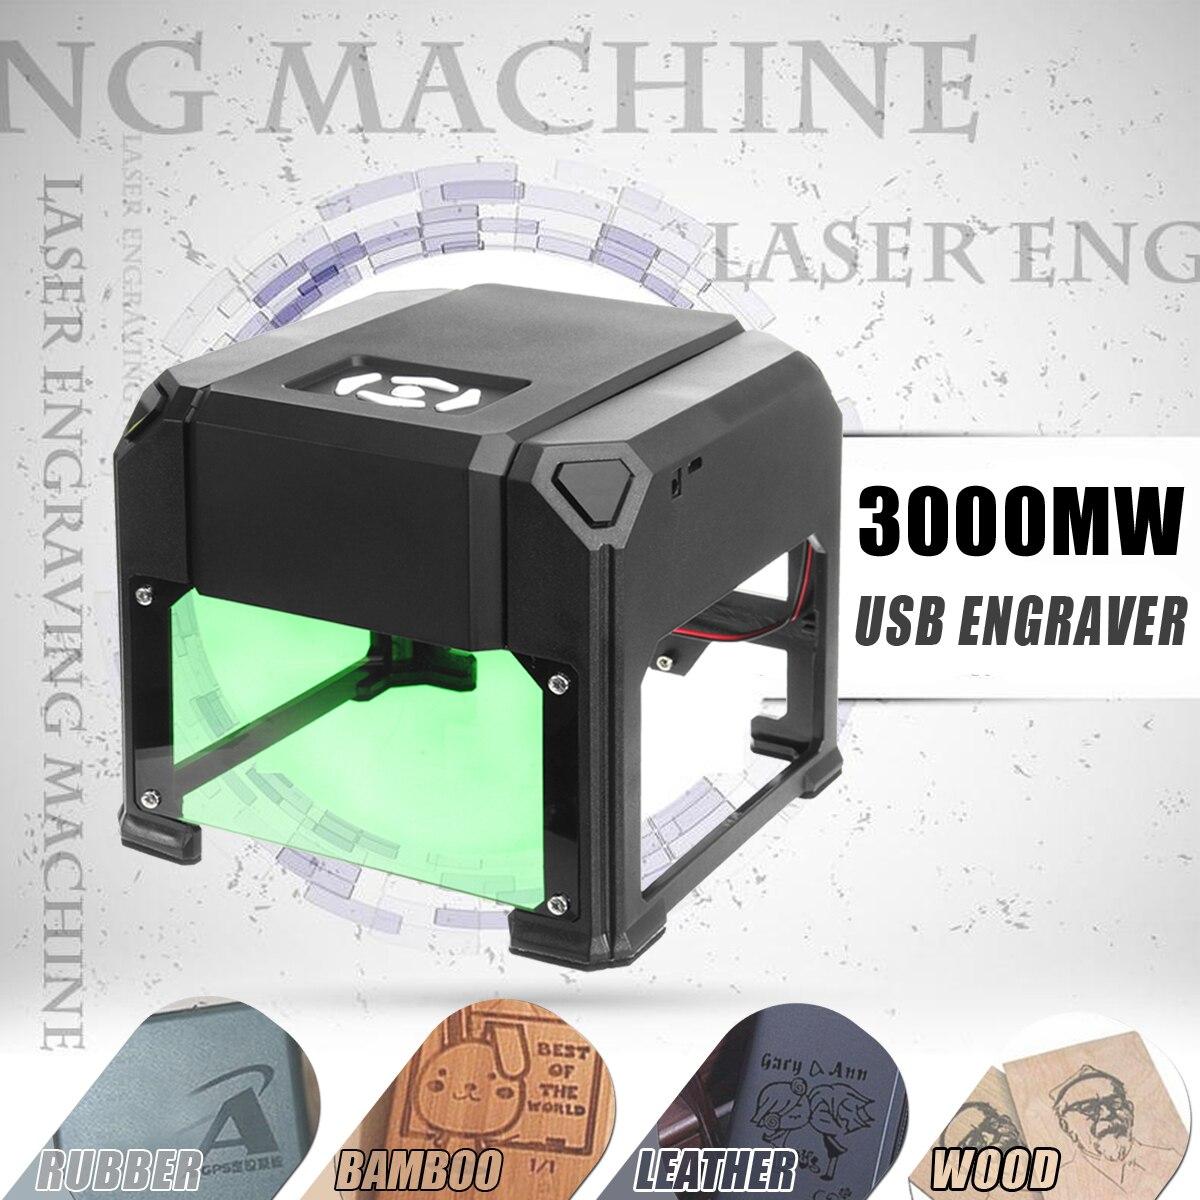 3000 mW USB Desktop Laser Engraver Machine 80x80mm Engraving Range DIY Logo Mark Printer Cutter CNC Laser Carving Machine